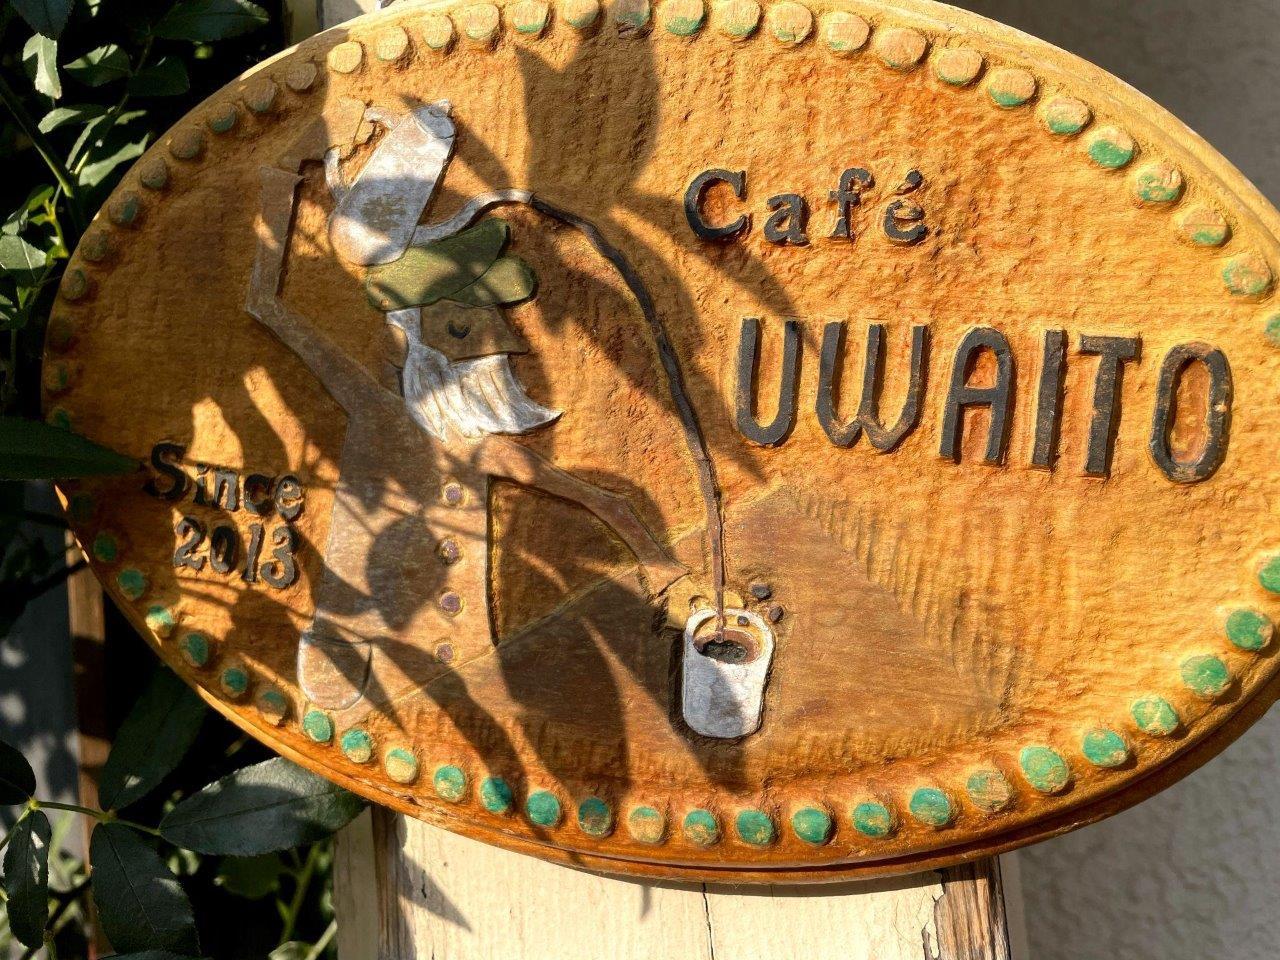 cafe uwaito(カフェ ウワイト)